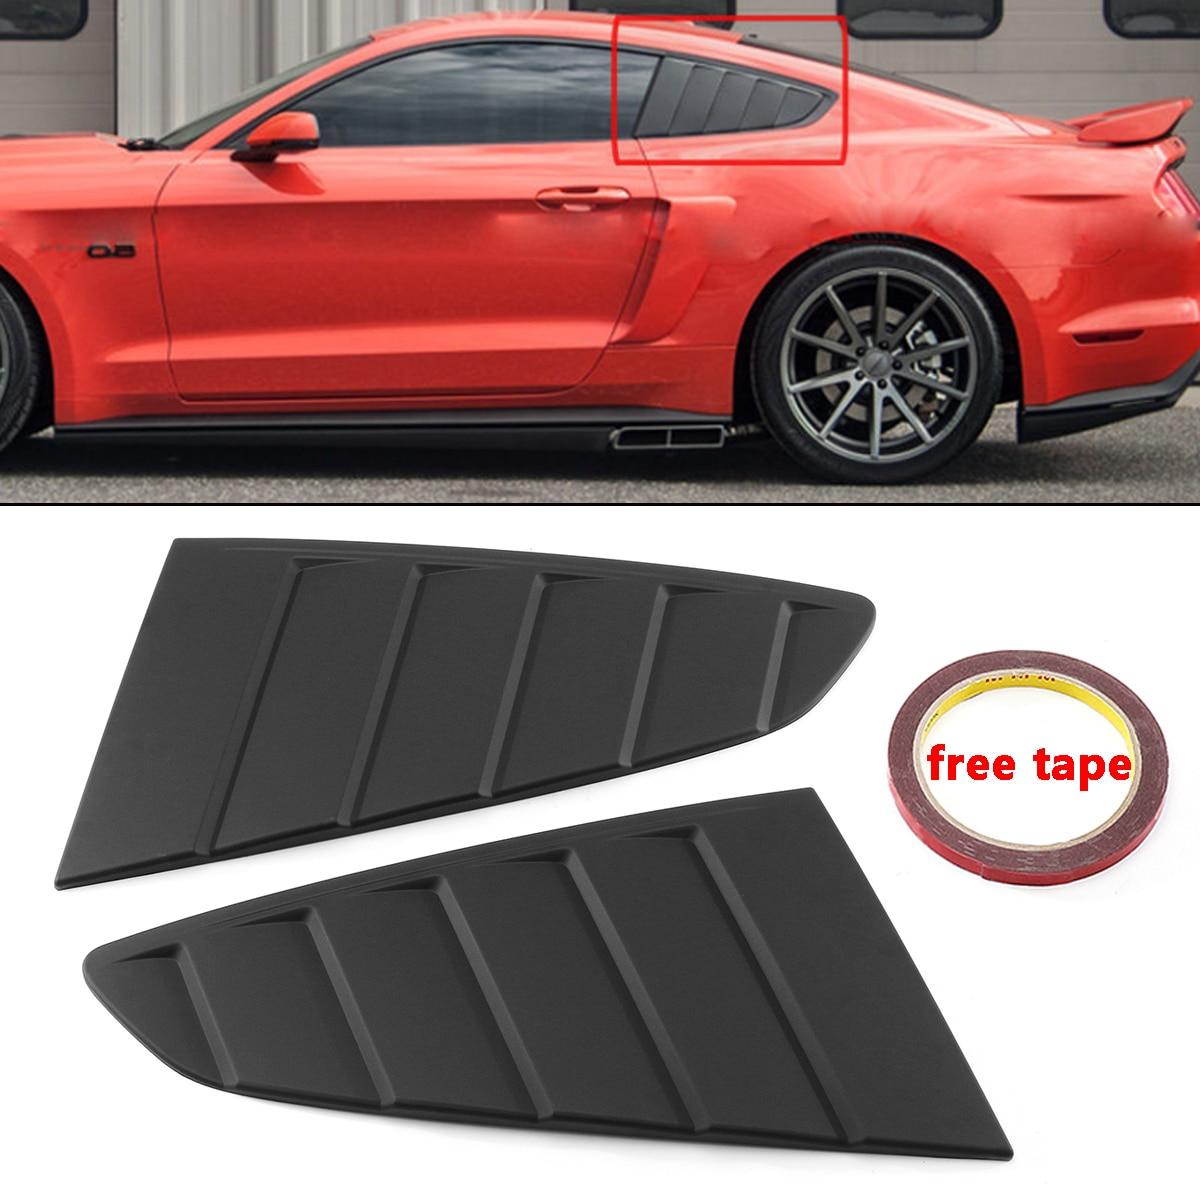 2x fenêtre de voiture quart persienne voiture côté évent Scoop couverture pour Ford pour Mustang 2 porte 2015-2018 pour coupé modèle GT C Style